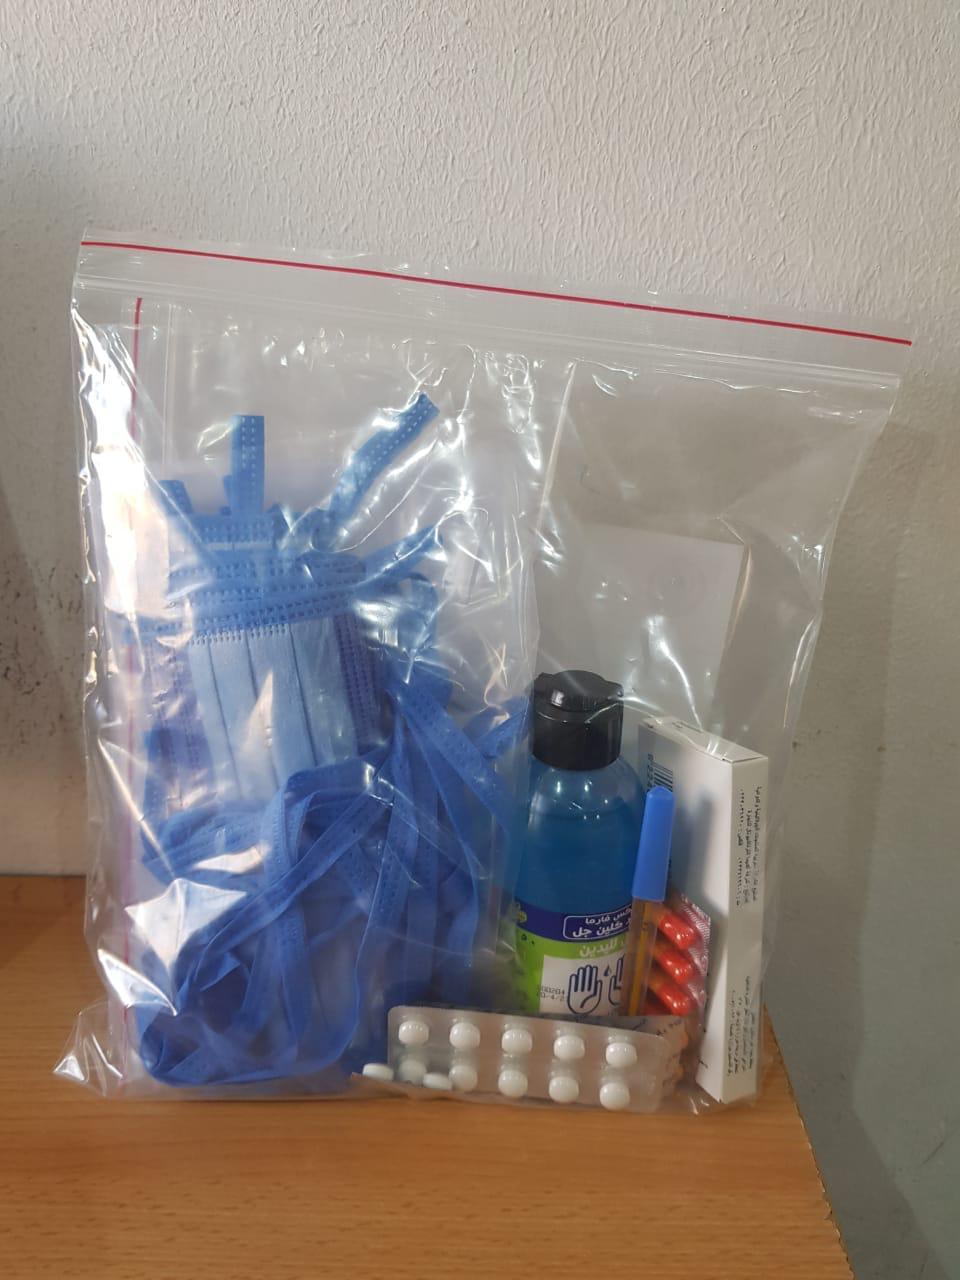 توصيل الأدوية لعلاج مصابى كورونا في المنازل (1)